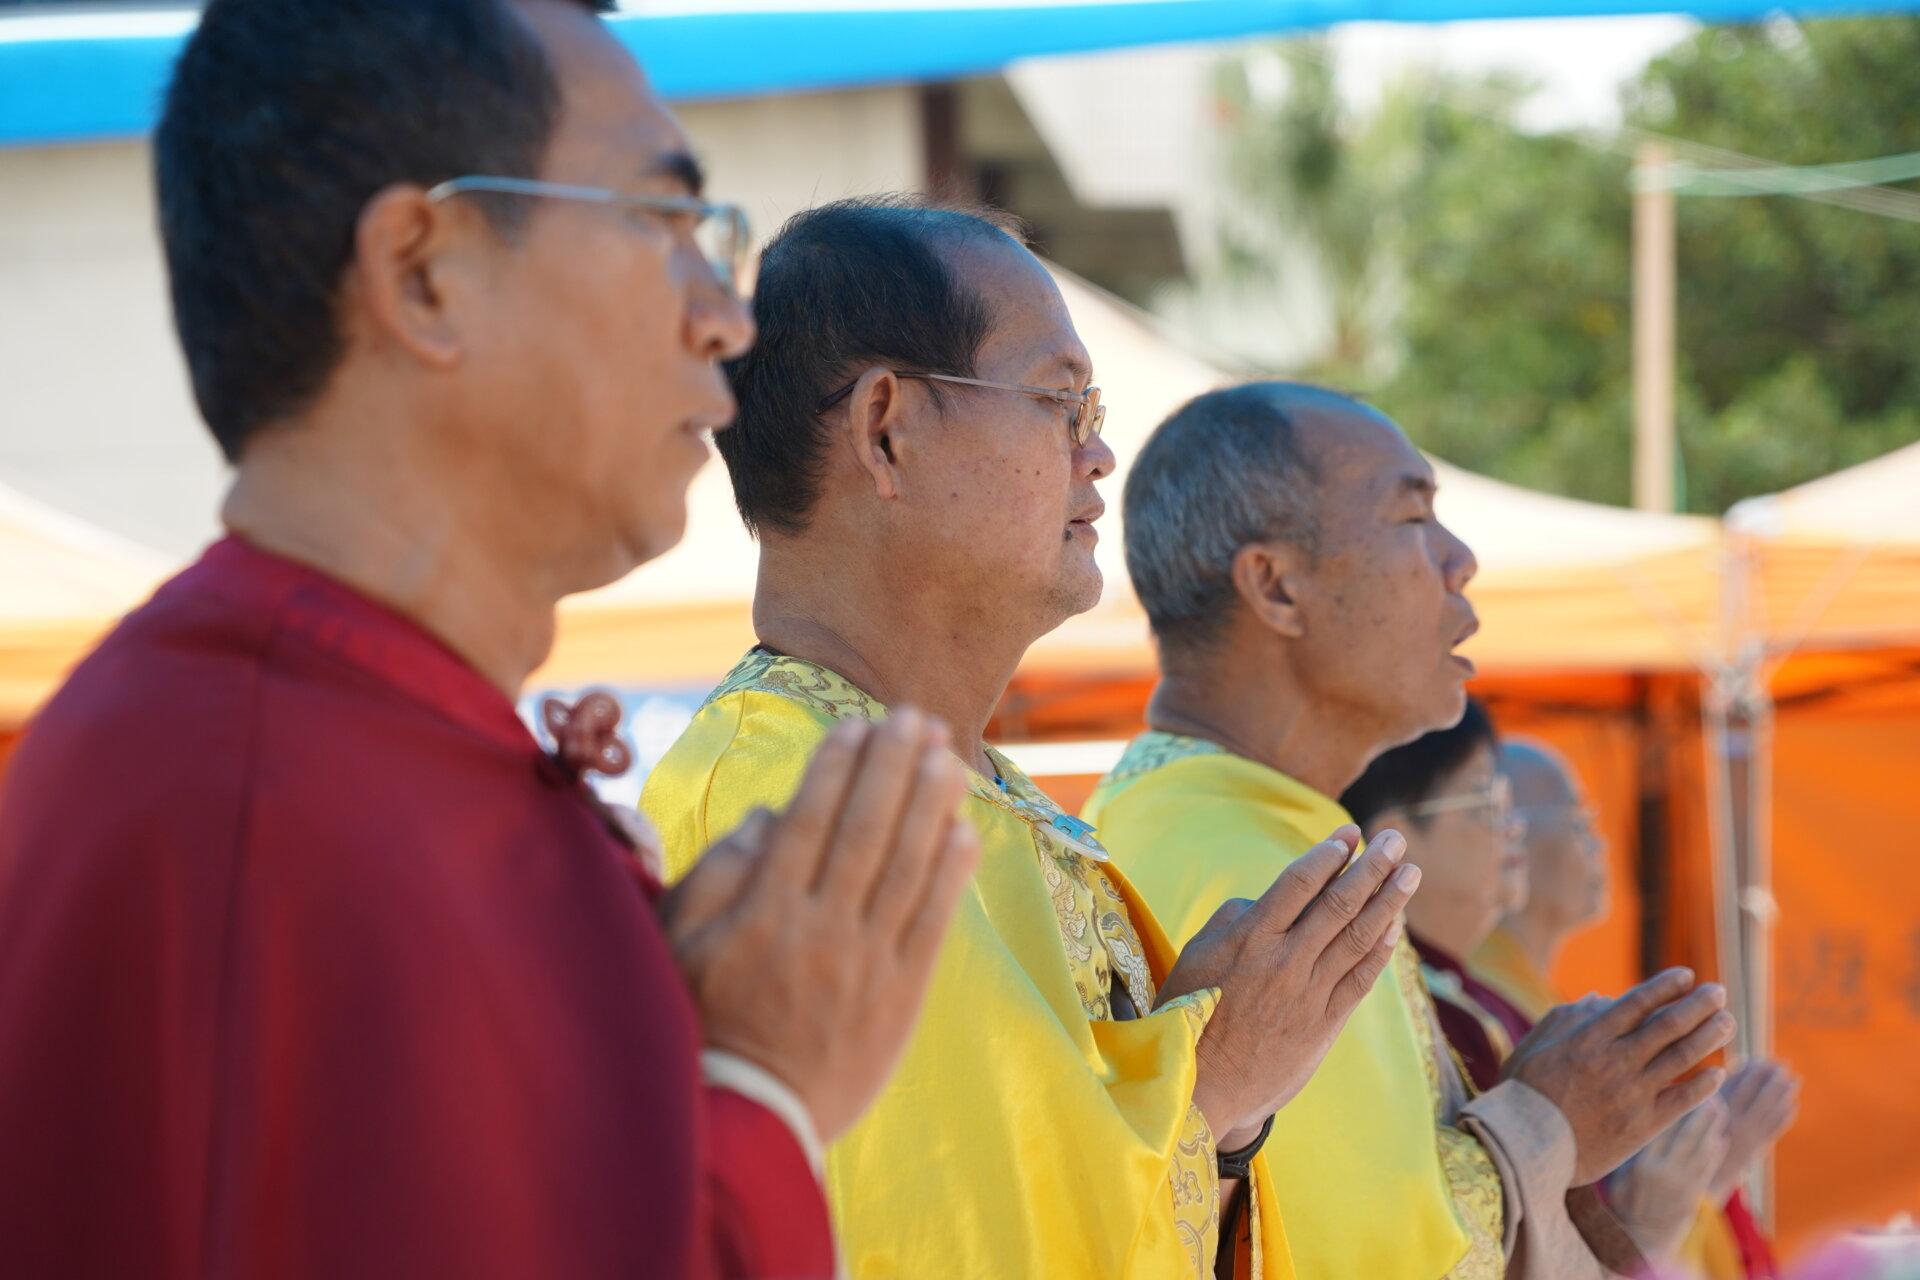 行動佛殿110站嘉義布袋魍港,信眾齊心誦經